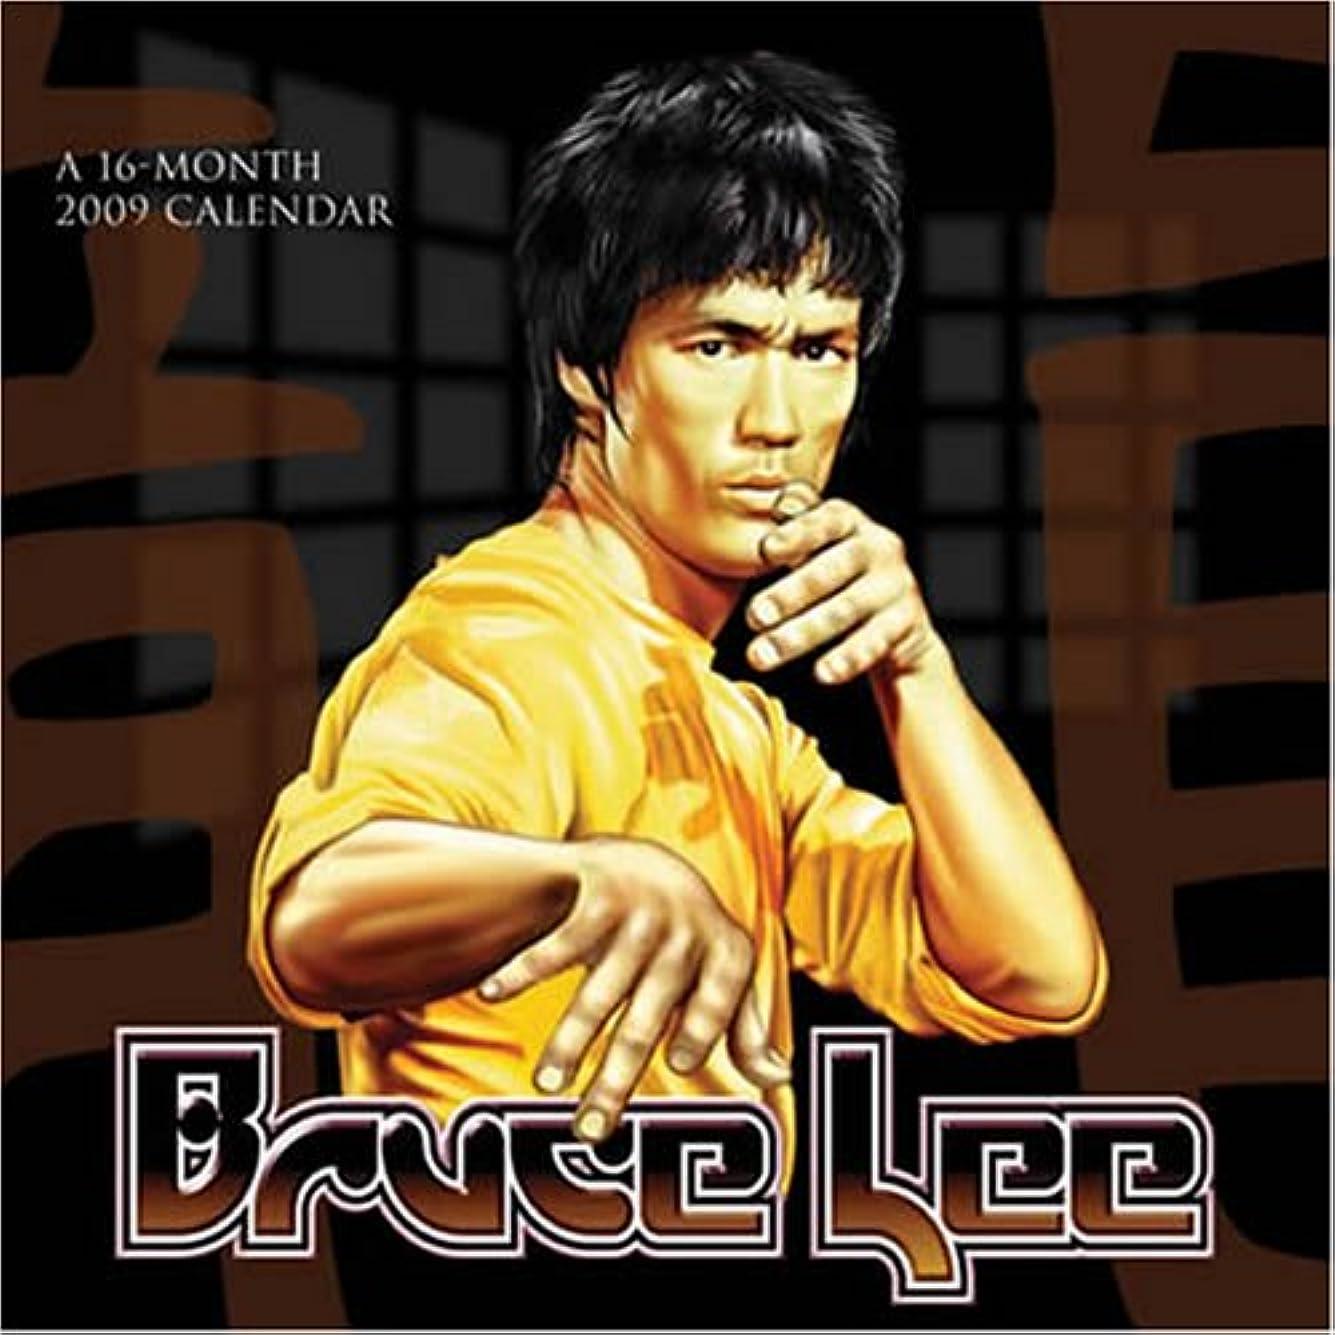 きょうだい目指す転送Bruce Lee 2009 Calendar